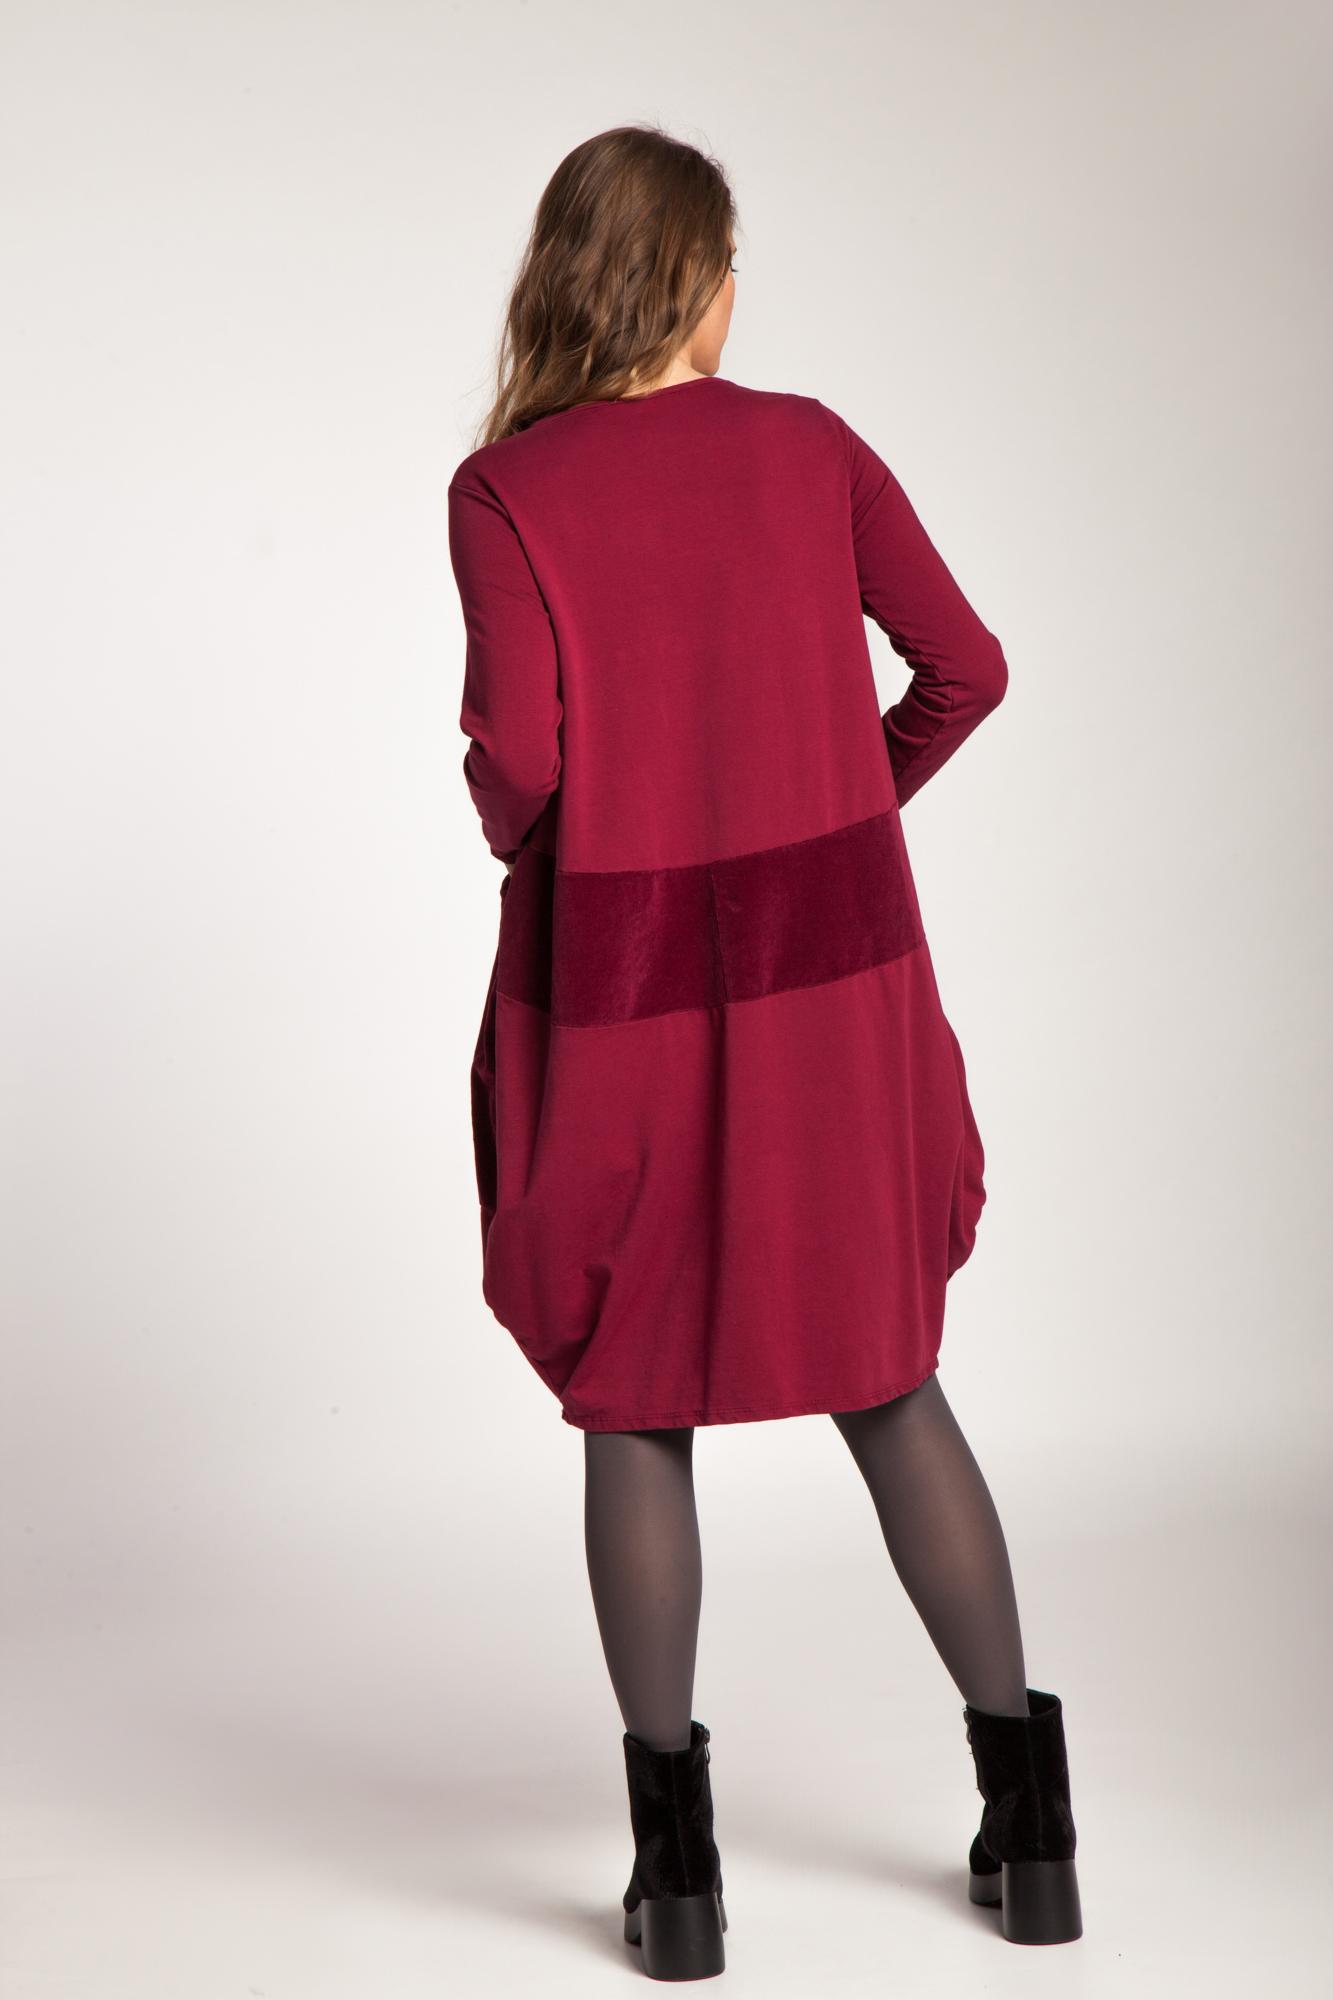 Rochie rosu rubin bumbac Amber cu catifea raiata